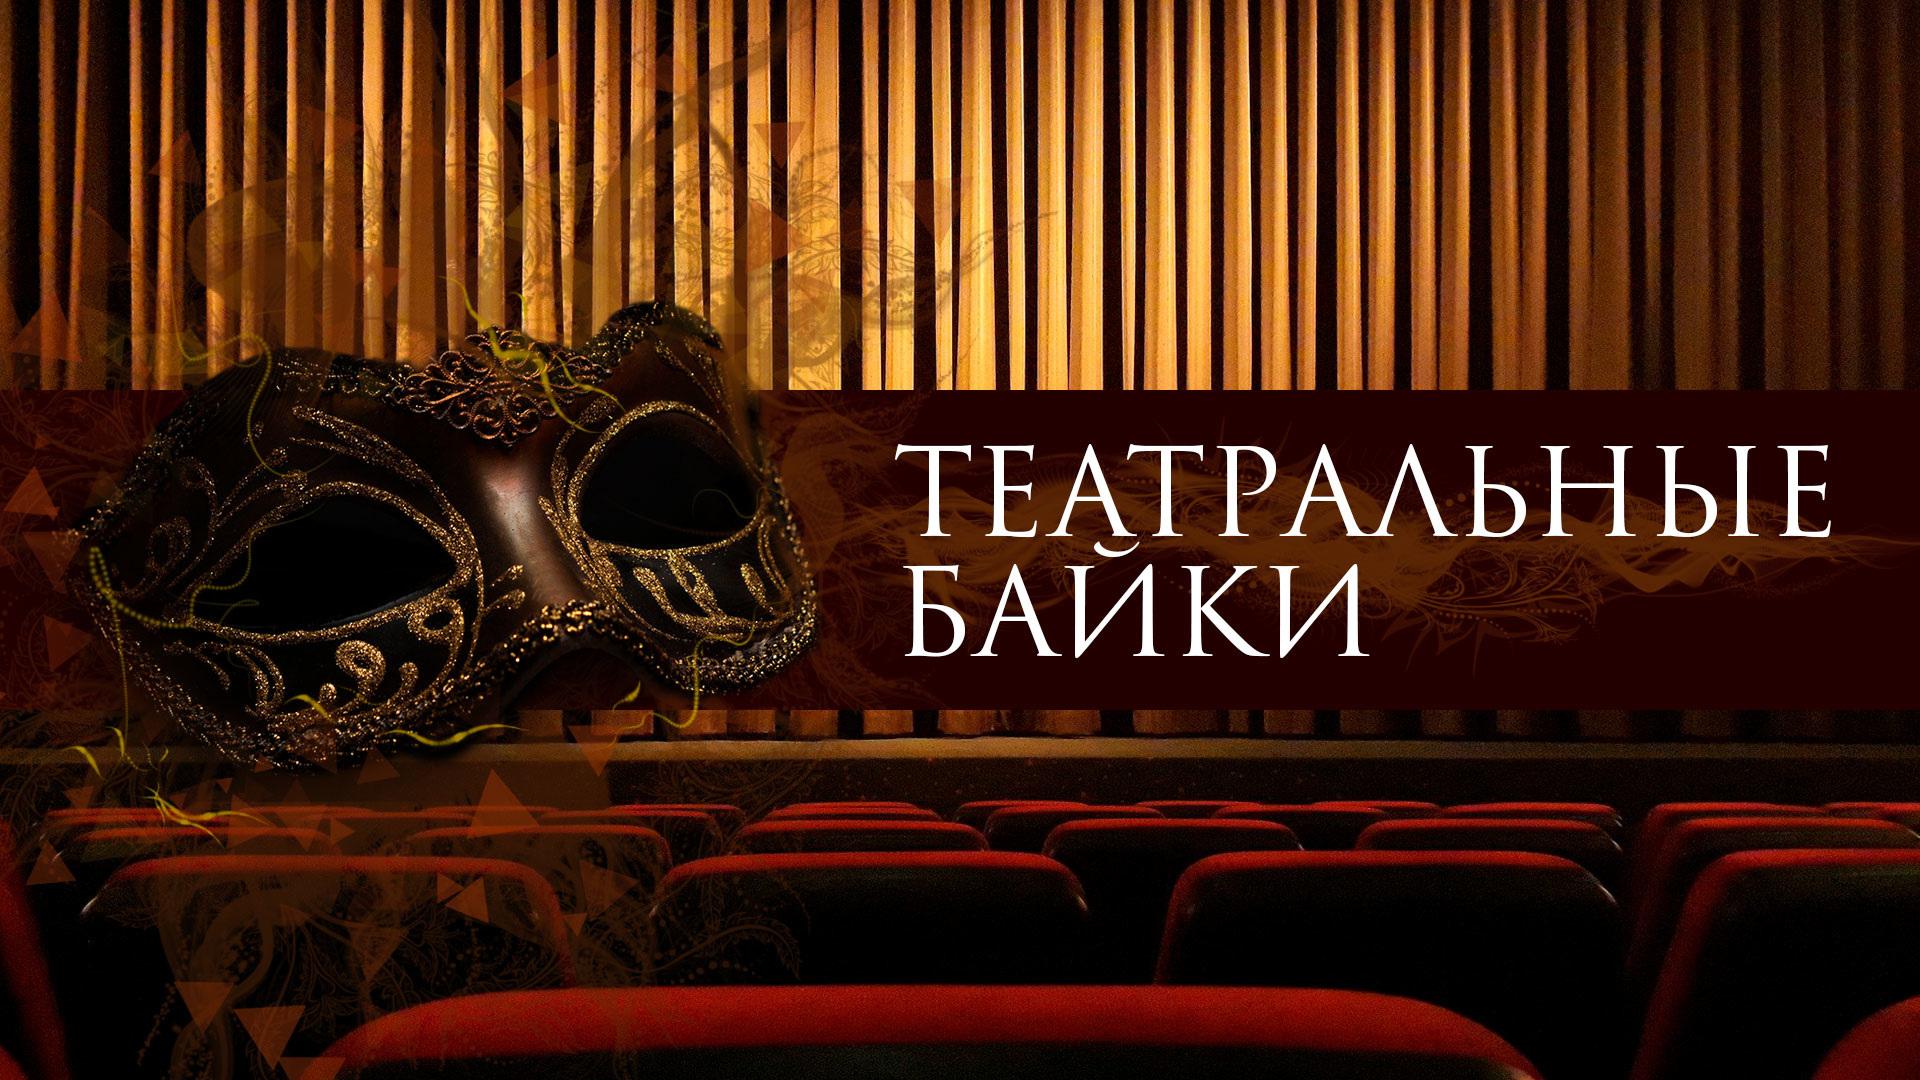 Театральные байки